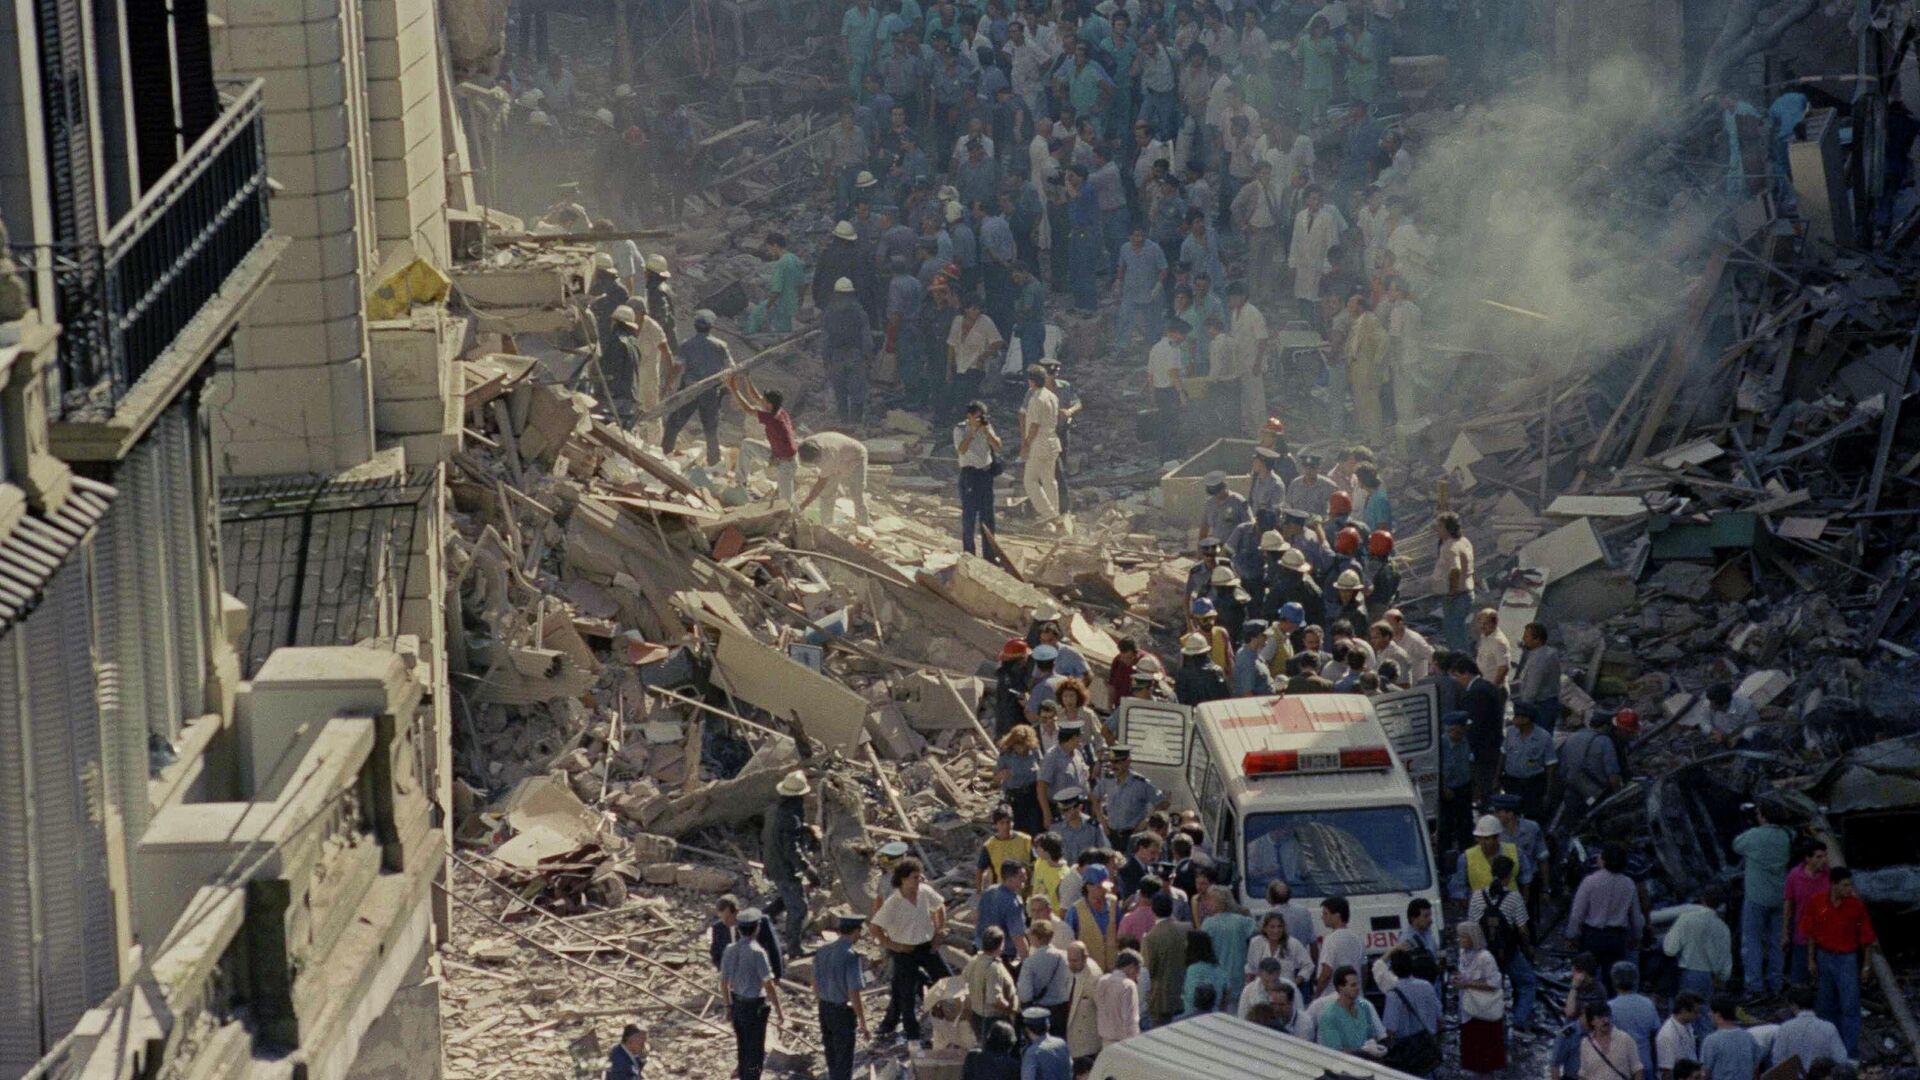 Trabajos de rescate luego del atentado a la Embajada de Israel en Argentina, 1992 - Sputnik Mundo, 1920, 17.03.2021